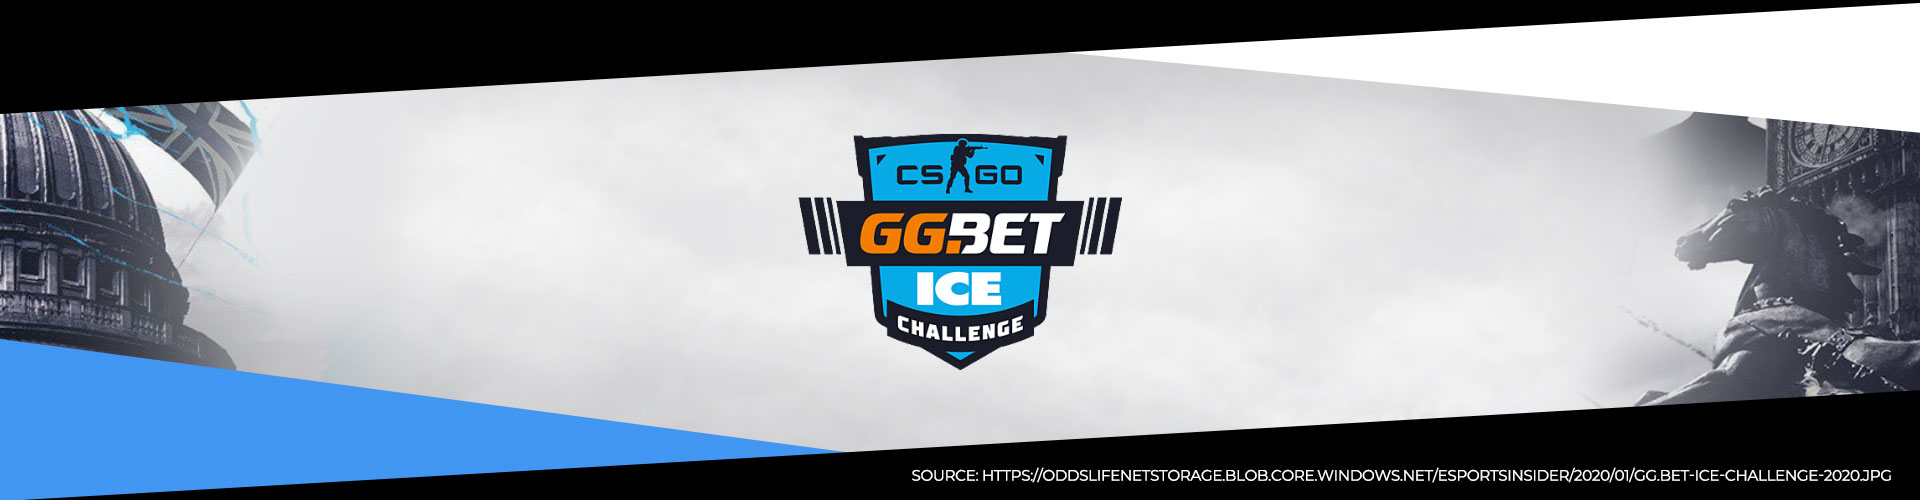 Eventsida för GG.BET ICE Challenge med all information du behöver.